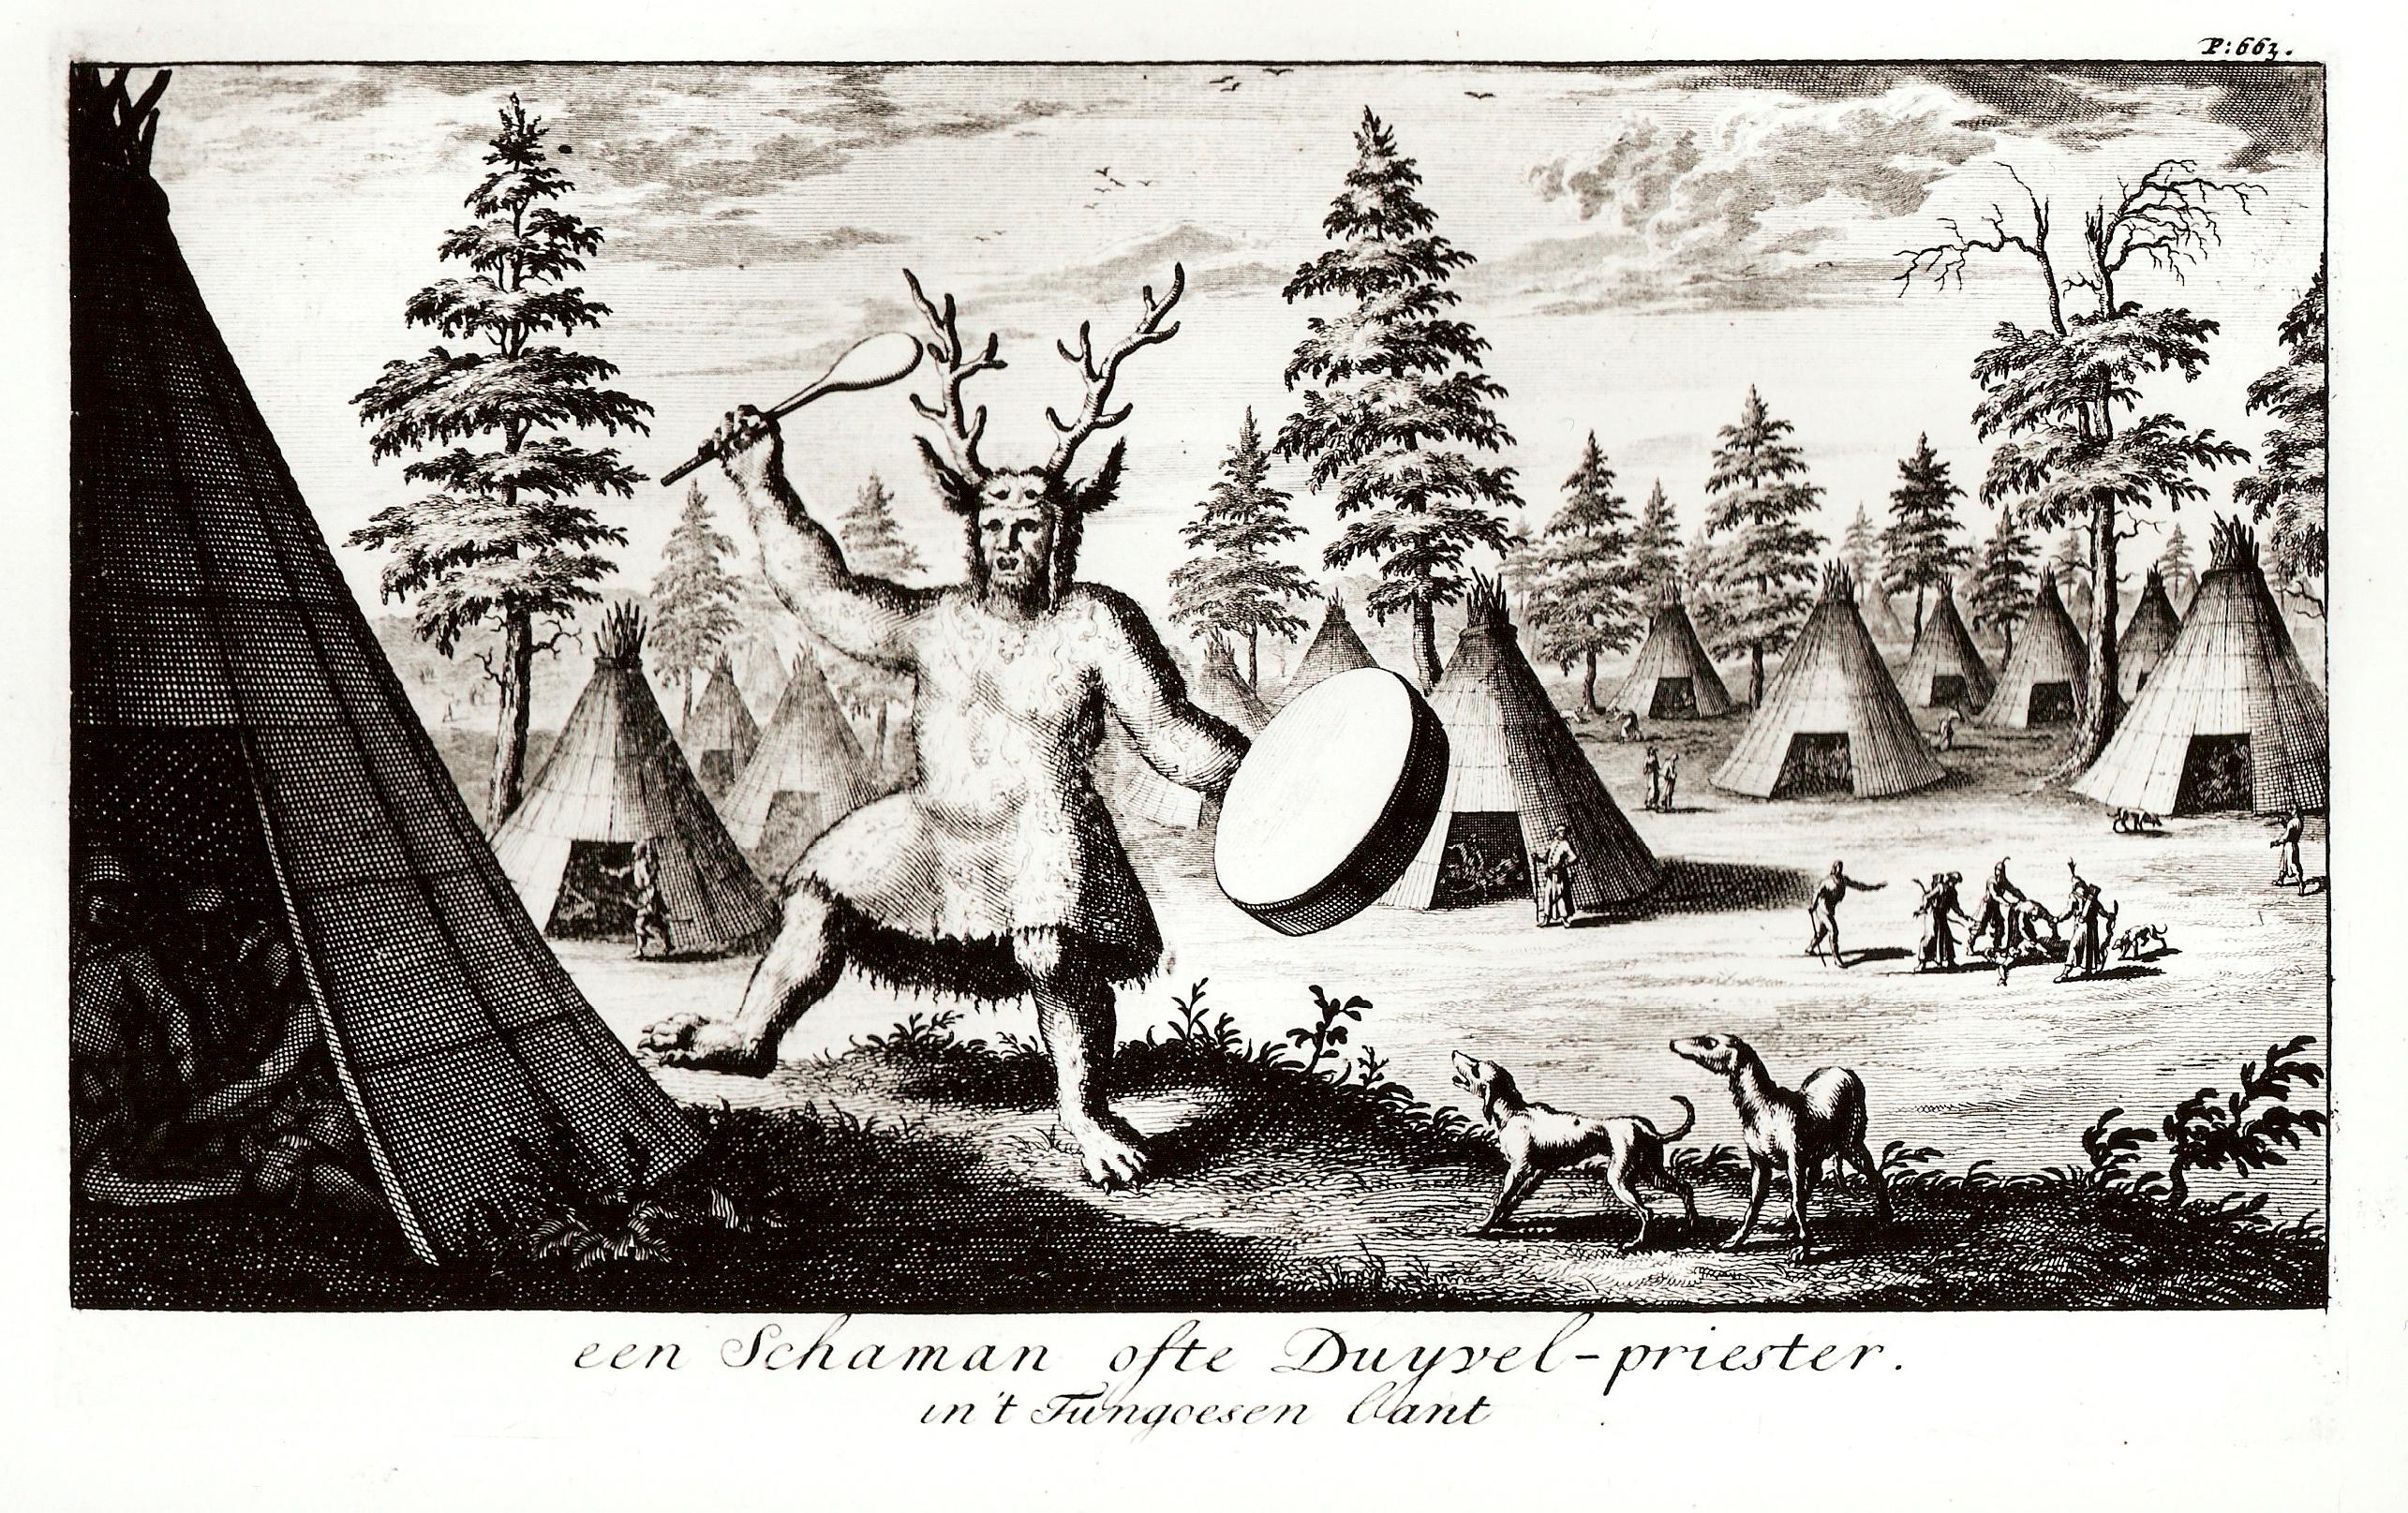 Шаман или жрец Дьявола в стране Тунгусов